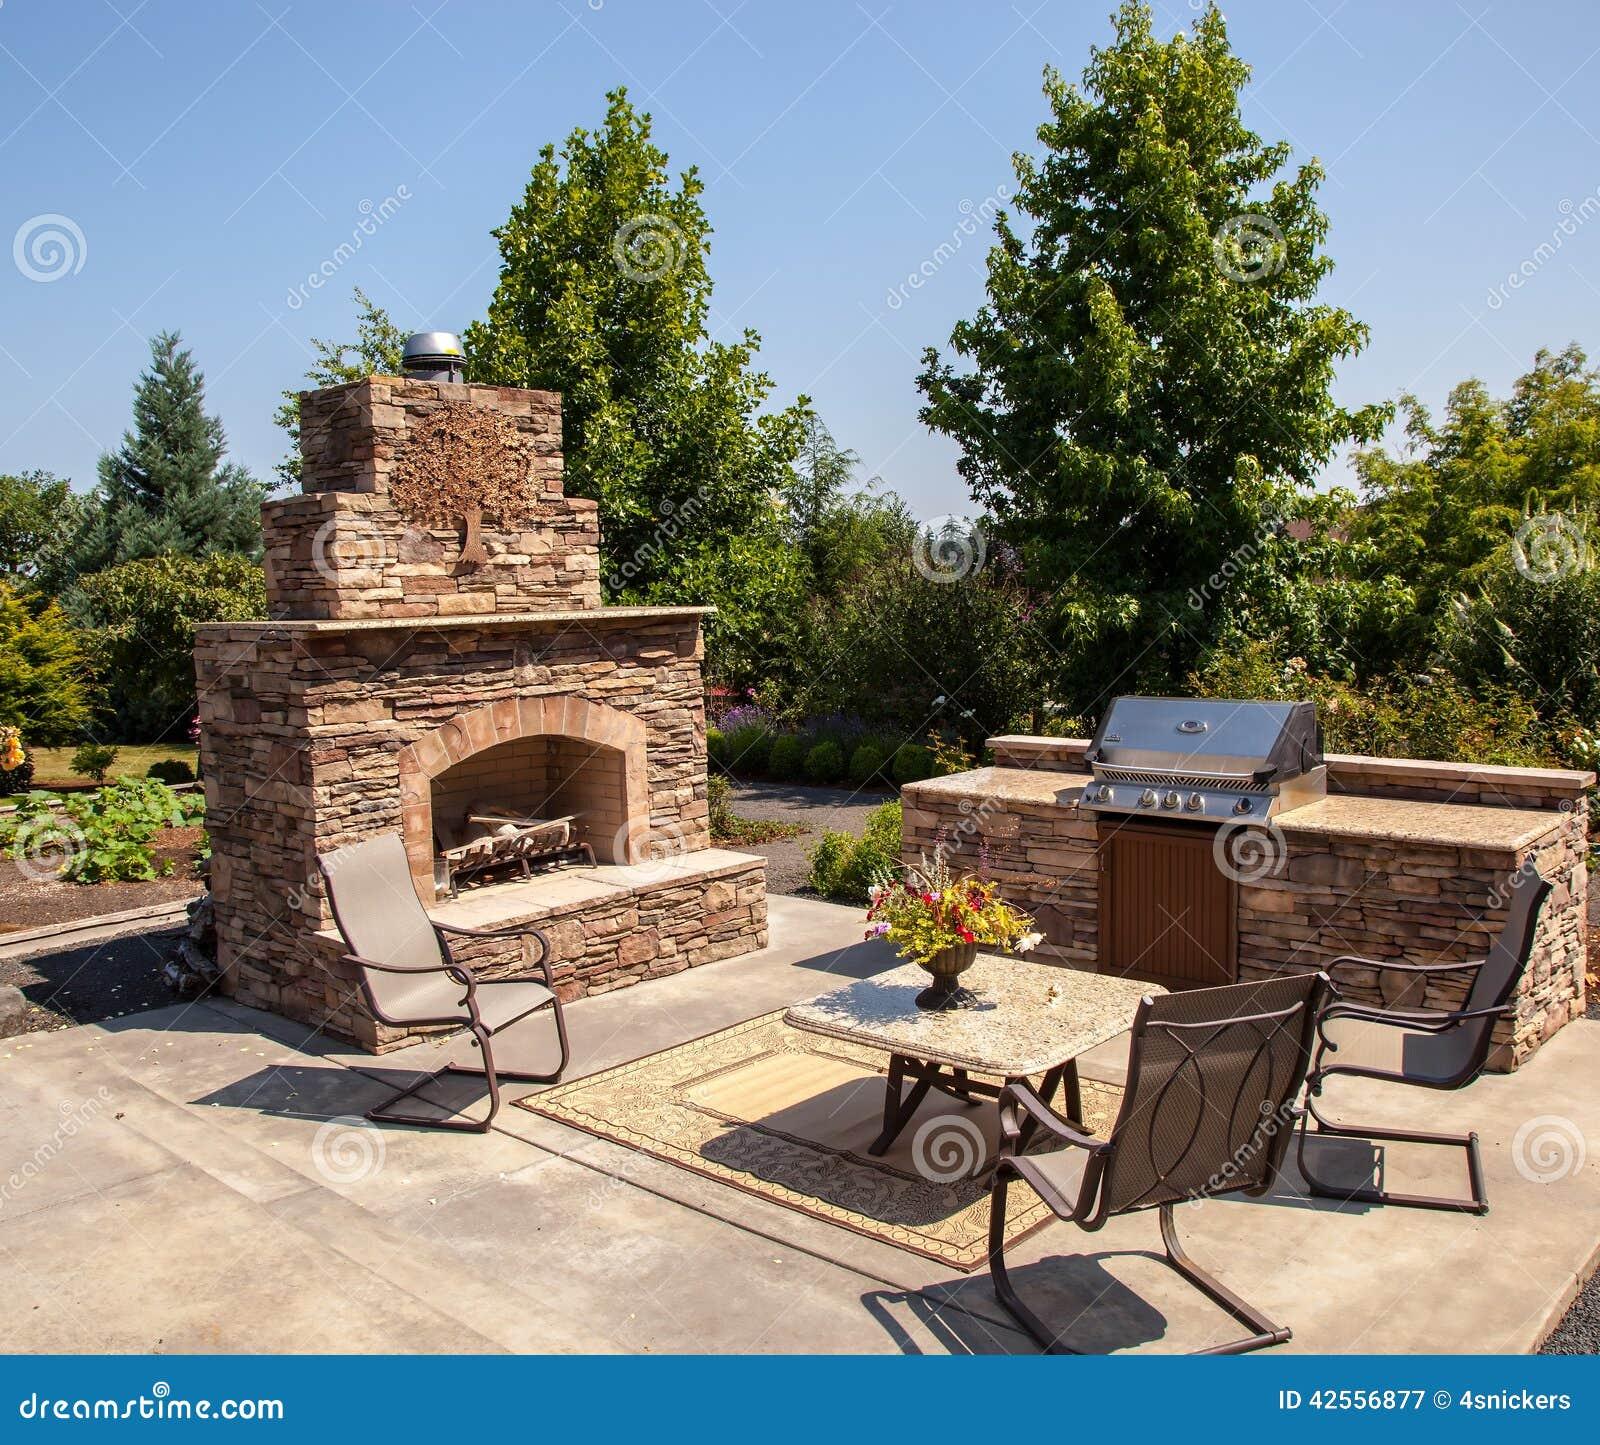 室外壁炉和厨房区域